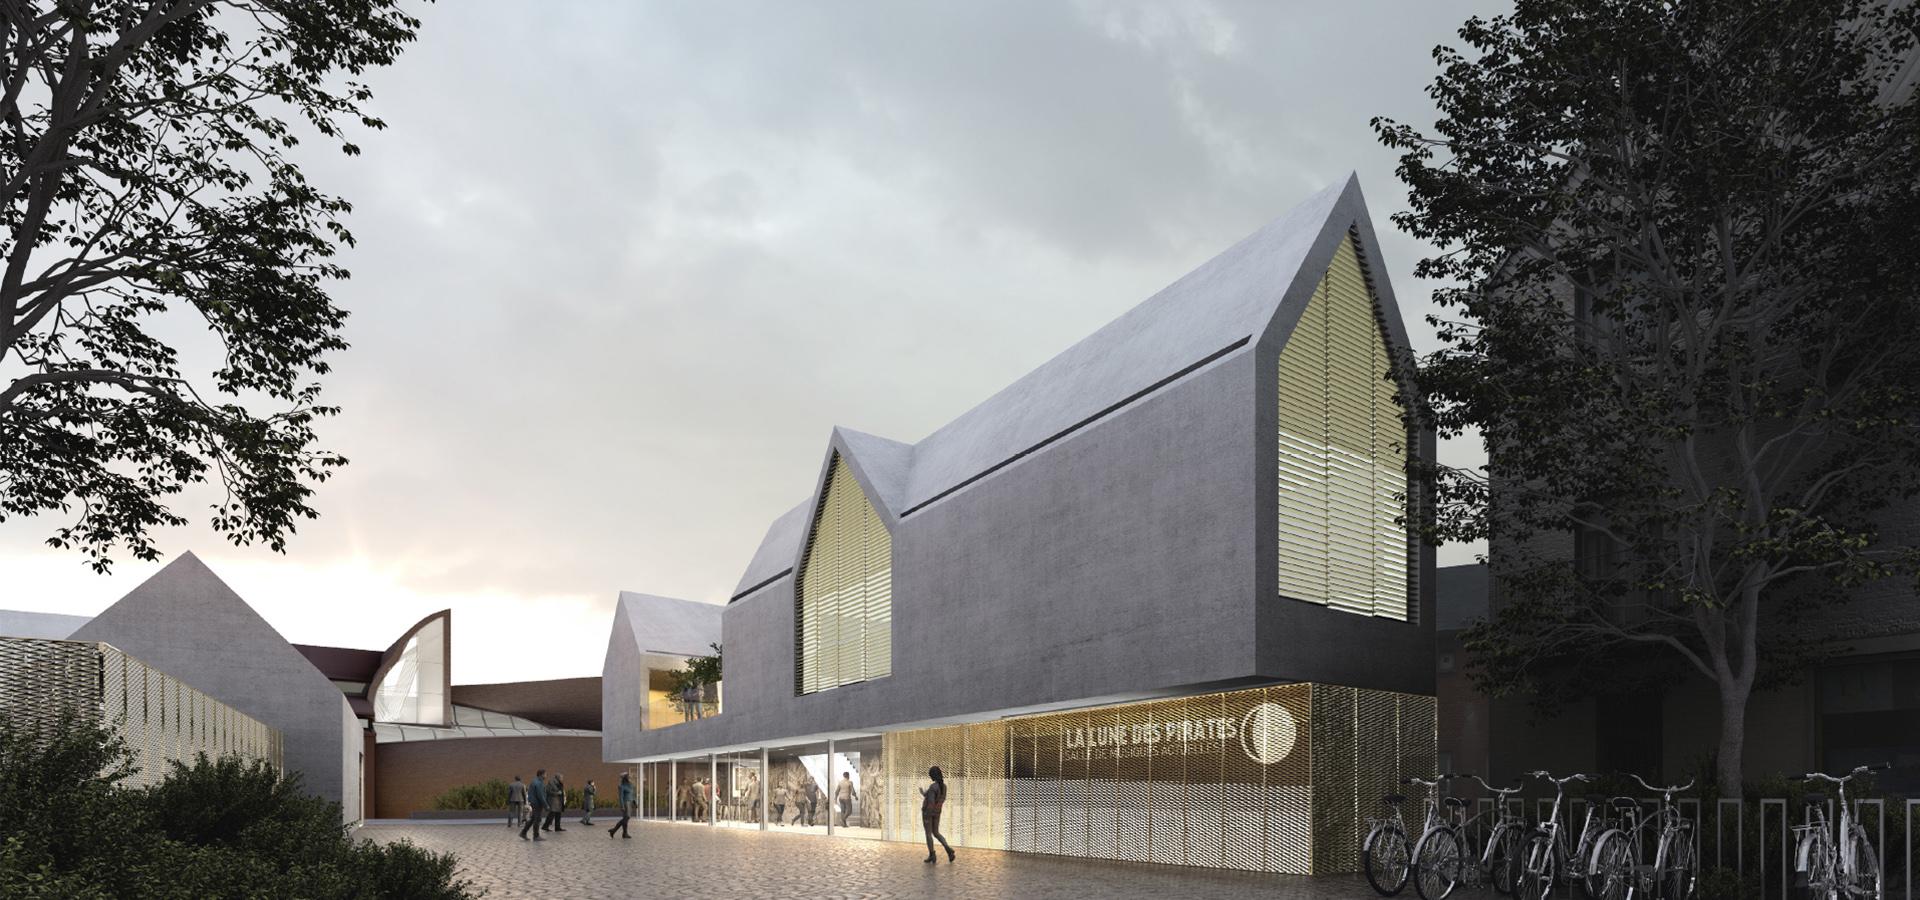 Lune des pirates projet architecture Amiens